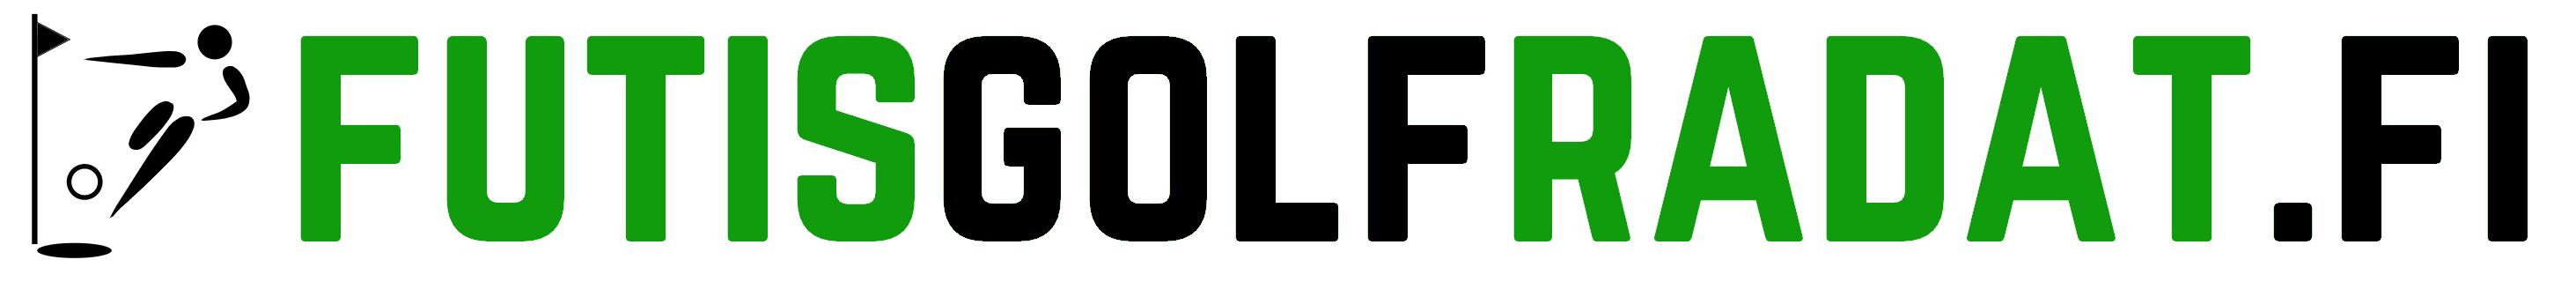 Futisgolfradat.fi